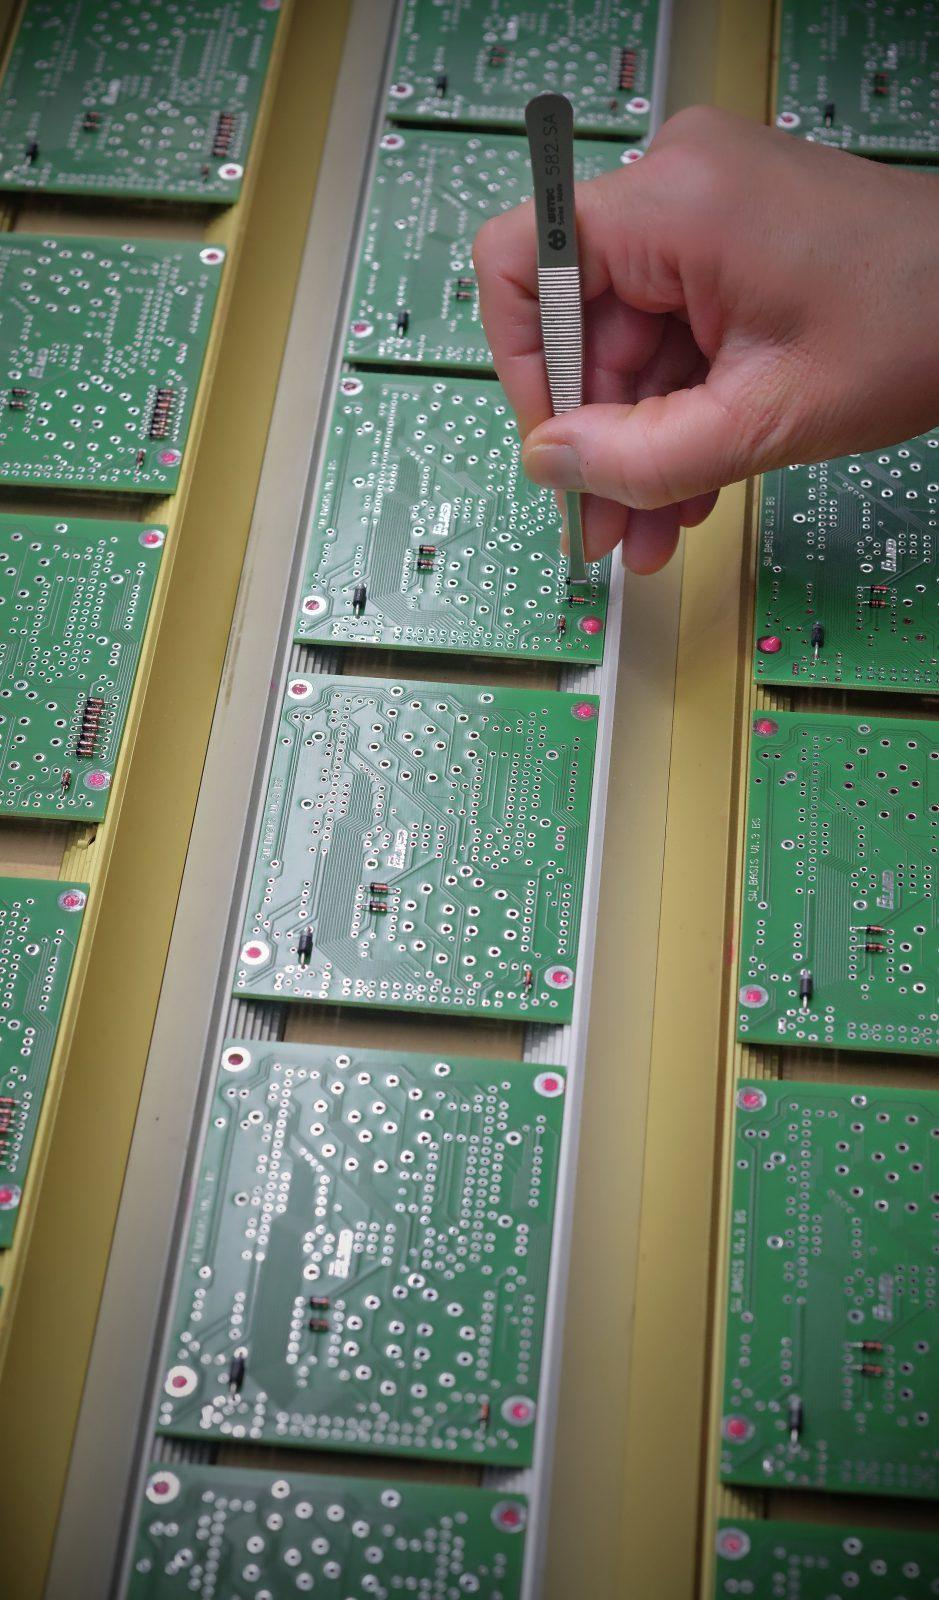 Handbestückung von Durchsteckbauteilen auf einer THT-Leiterplatte